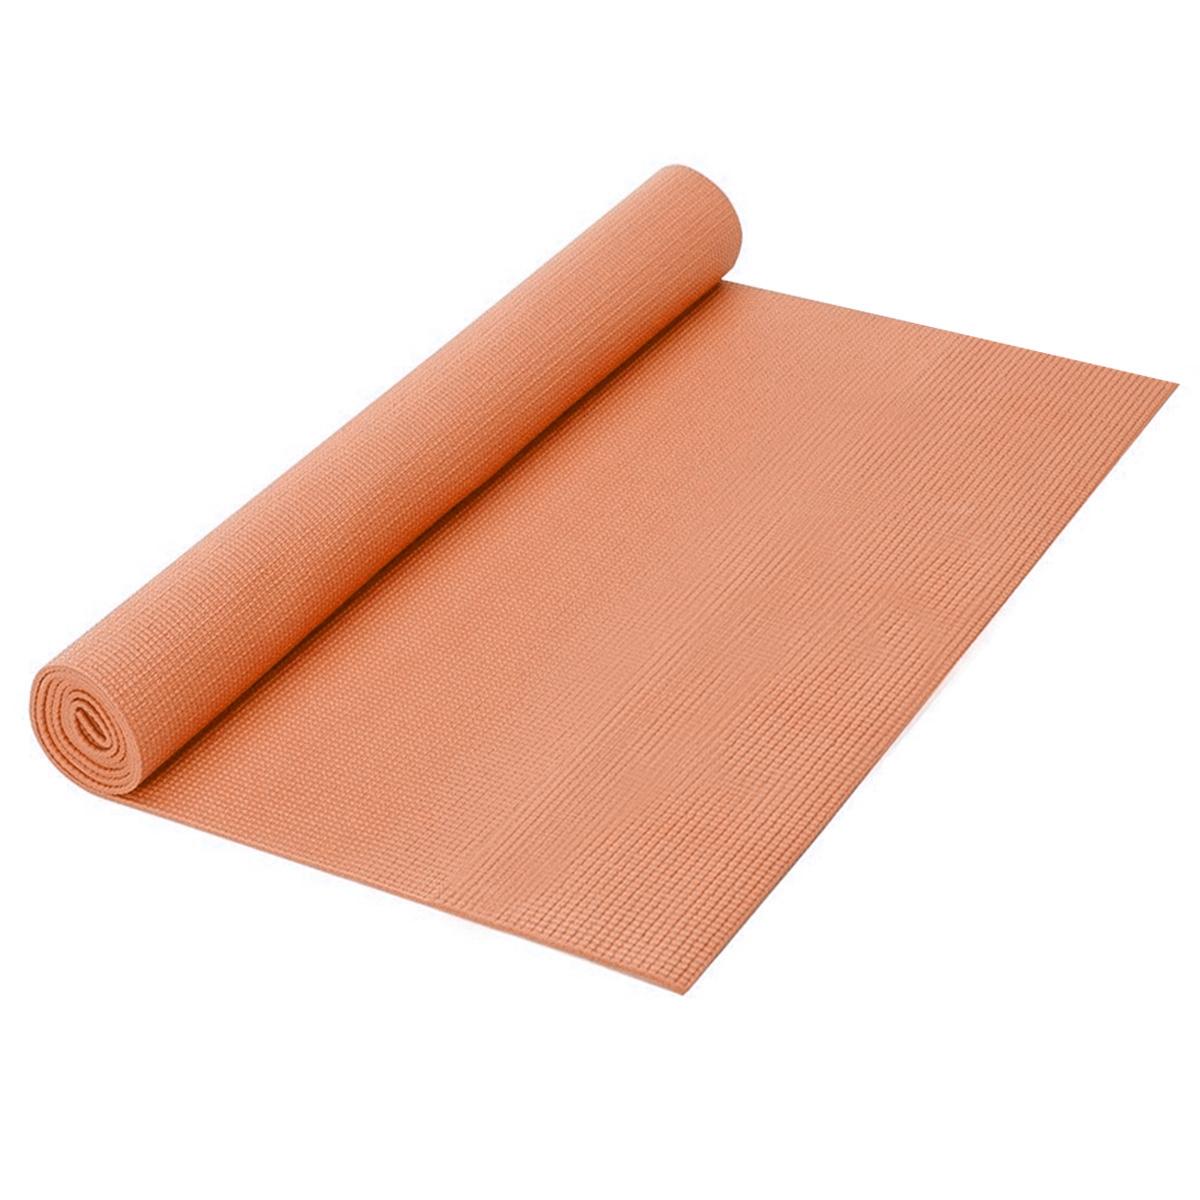 Коврик для йоги Easy Body, 172 см х 61 см х 0,3 см, цвет: оранжевый260400Коврик для йоги Easy Body сделает Ваши занятия спортом комфортными и приятными. Так как многие упражнения выполняются лежа на полу, и чтобы не простудиться и не испачкать одежду, Вам просто необходим чистый, мягкий и теплоизолирующий коврик. Коврик удобно расстилается и легко сворачивается, не занимает много места.